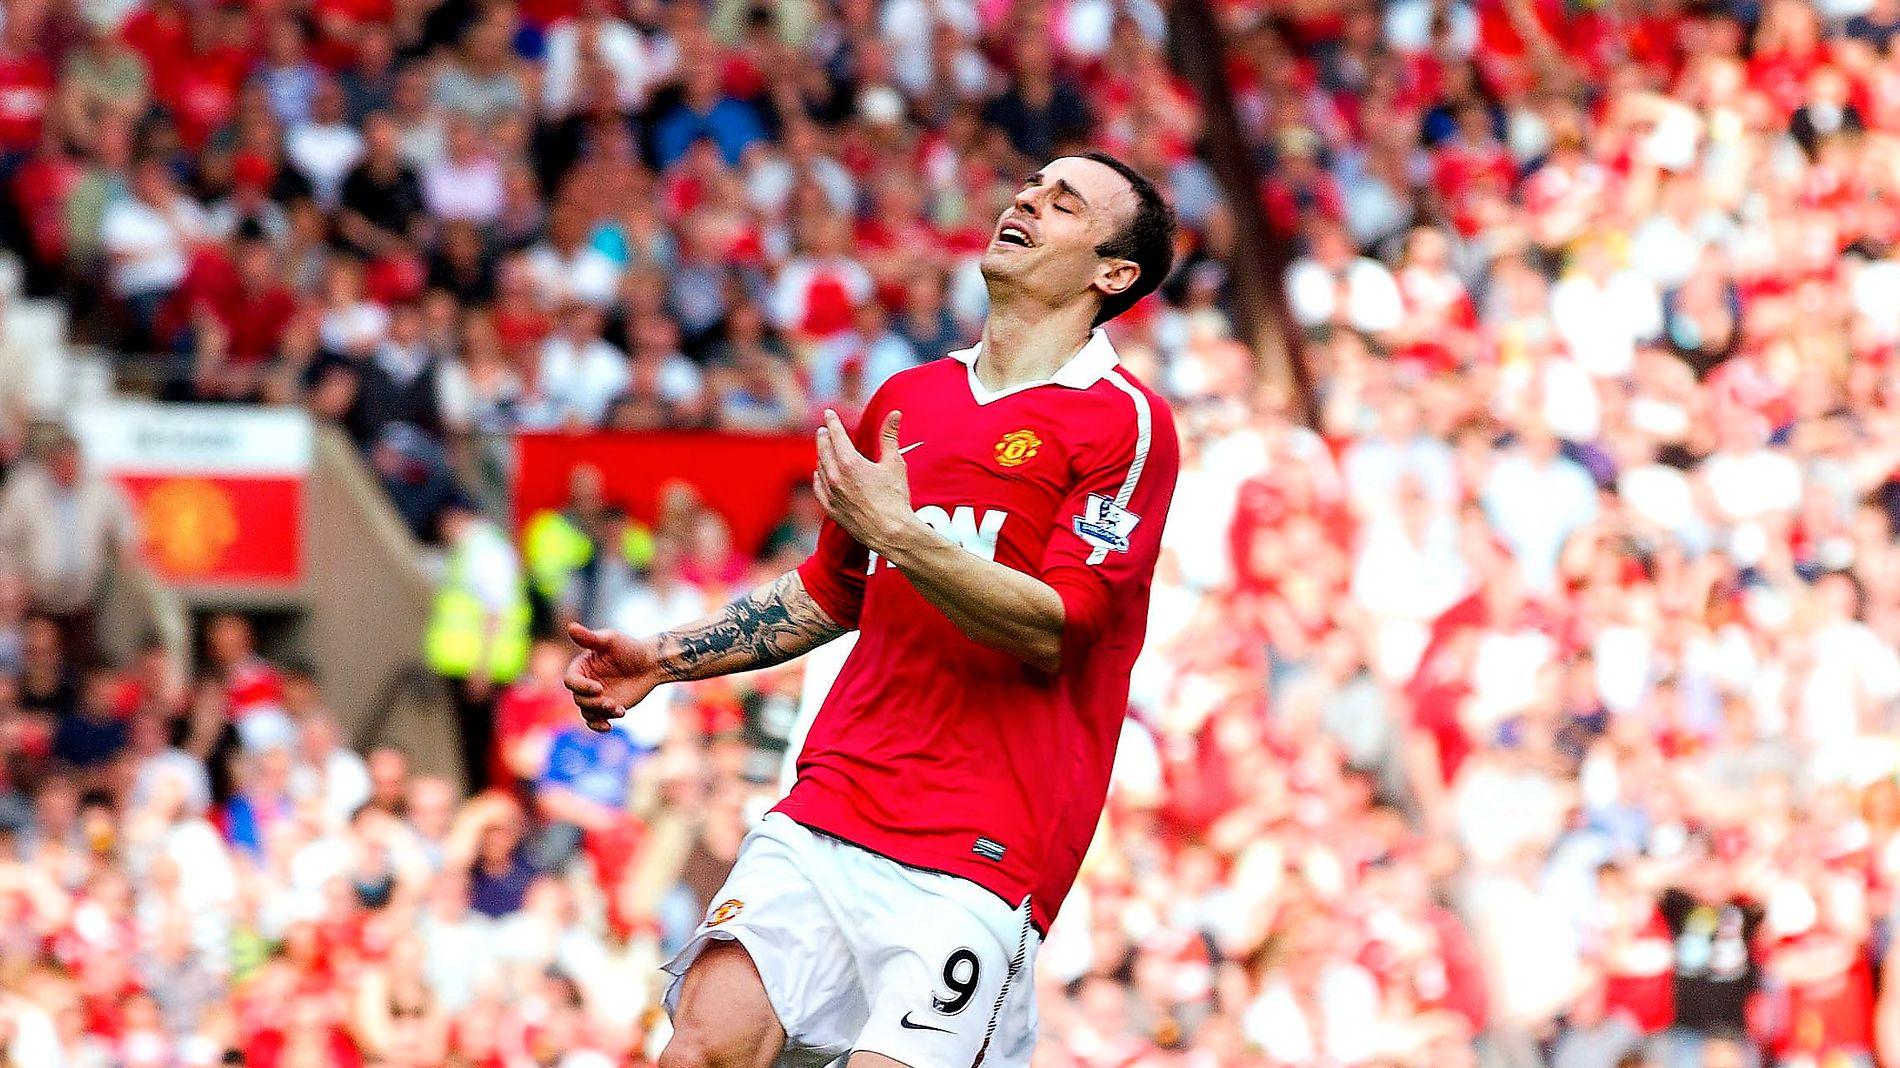 PÅ VEI HJEM: Eks-United-spiss, Dimitar Berbatov er på vei tilbake til bulgarsk fotball. Her er han i United-trøye i en kamp mot Fulham i 2011.